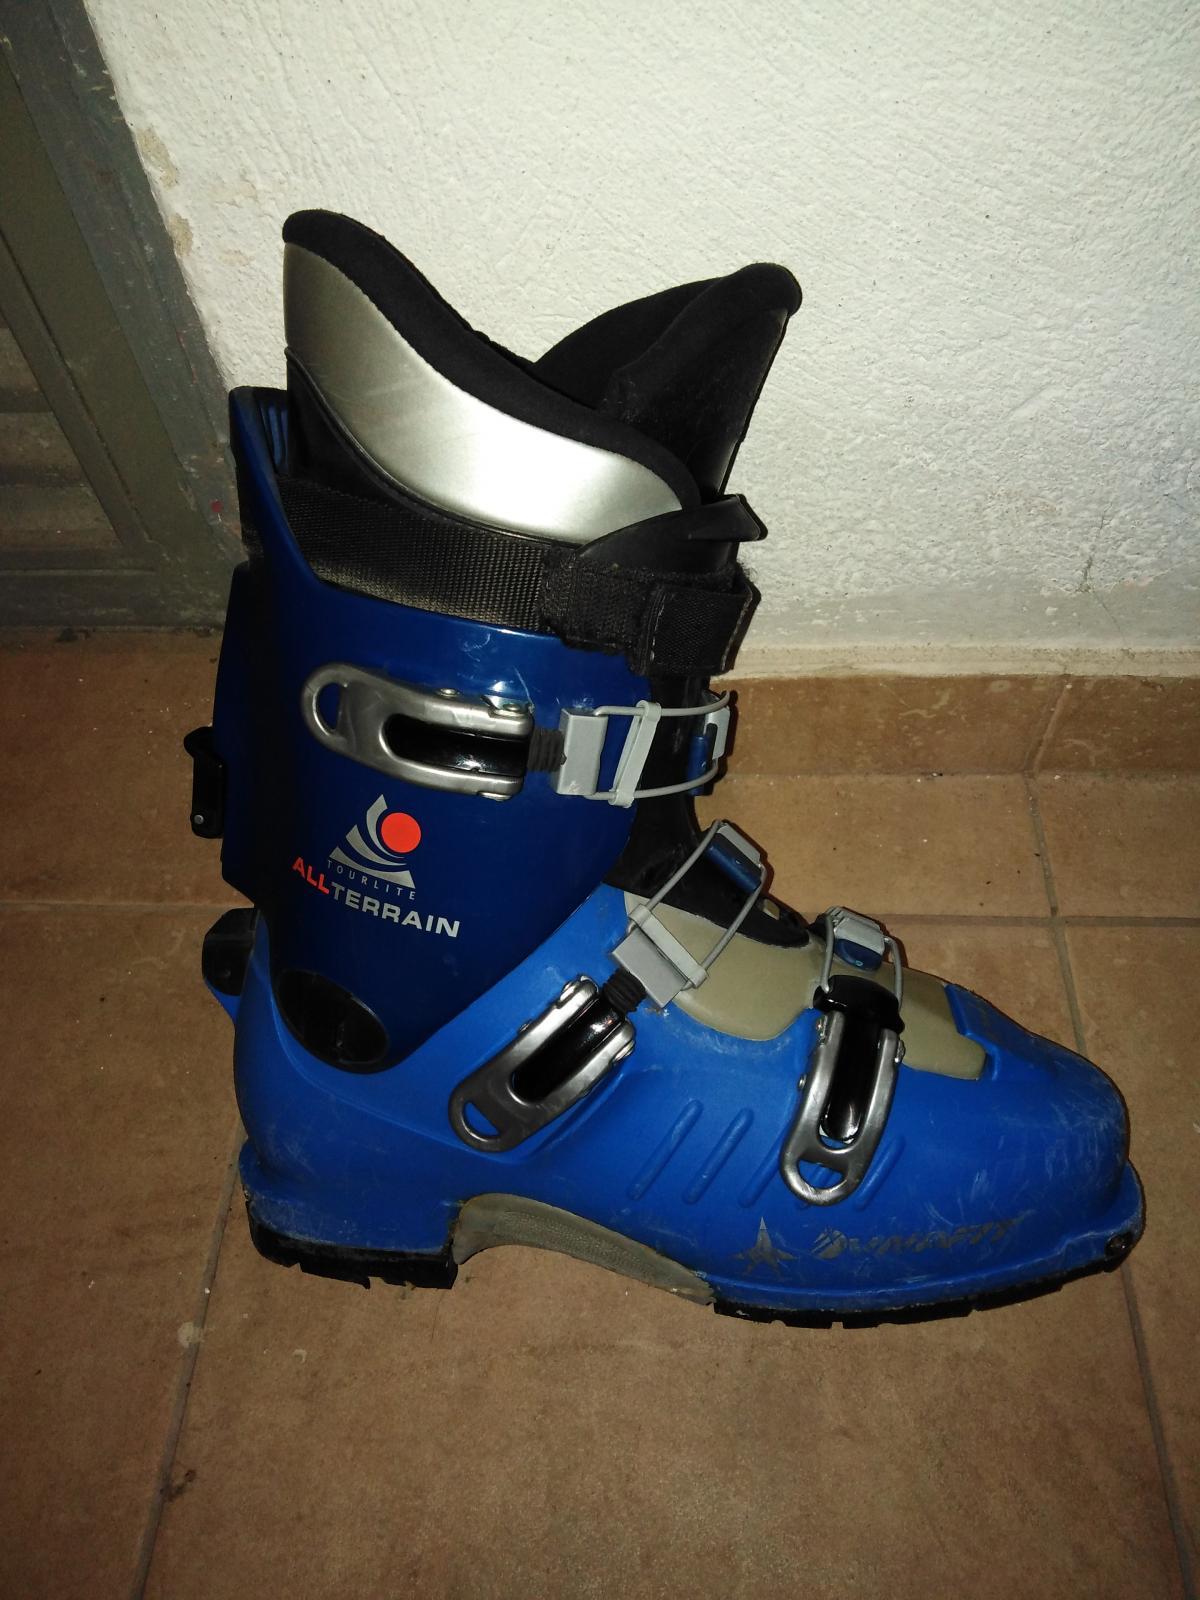 aa441767d8 Πωλείται Μπότα Ορειβ.σκι - Ski - Snowclub.gr forum